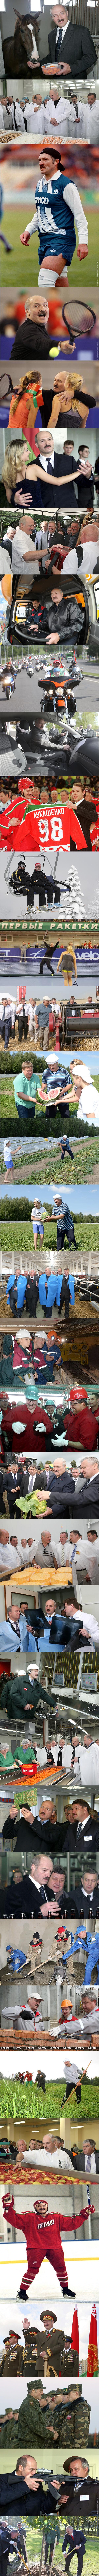 И швец, и жнец, и на баяне игрец Самые яркие снимки многозадачного президента  Лукашенко, 60 лет, Коля Лукашенко, длиннопост